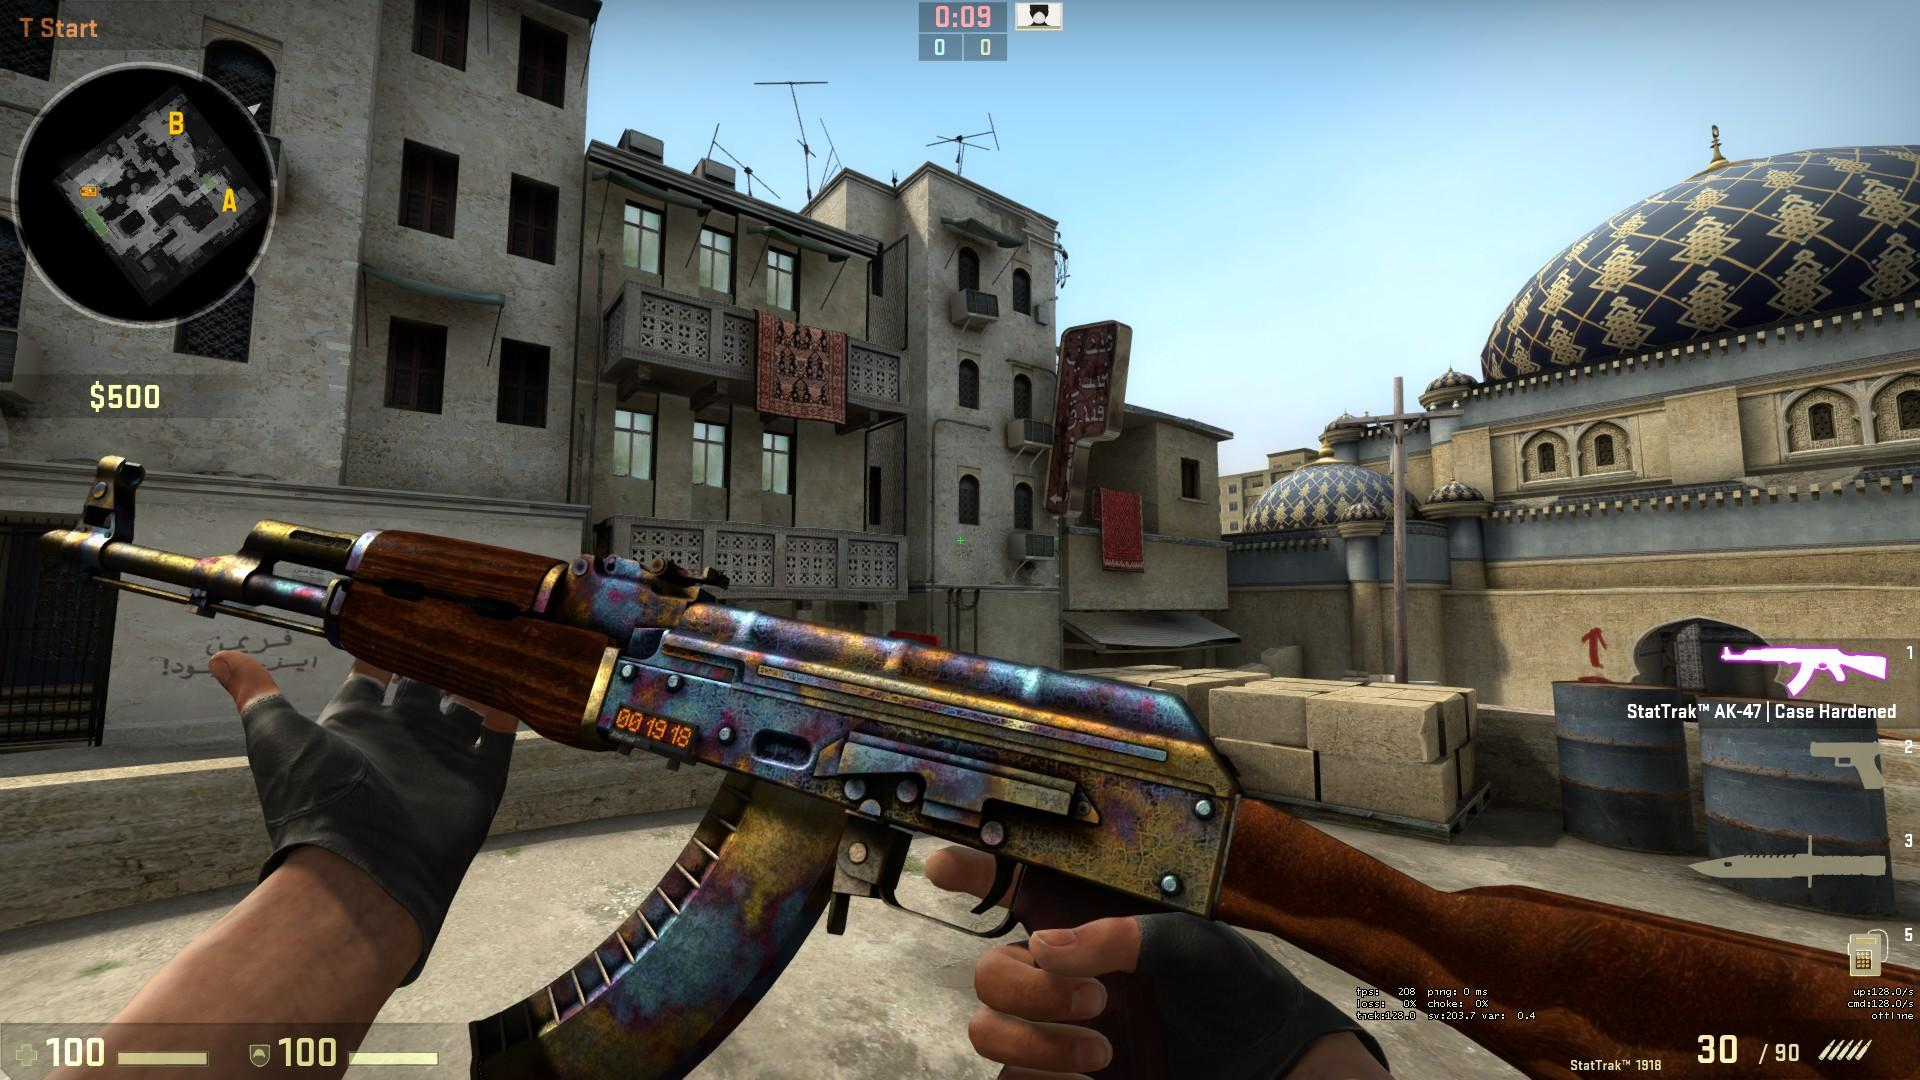 StatTrak AK-47 Поверхностная закалка